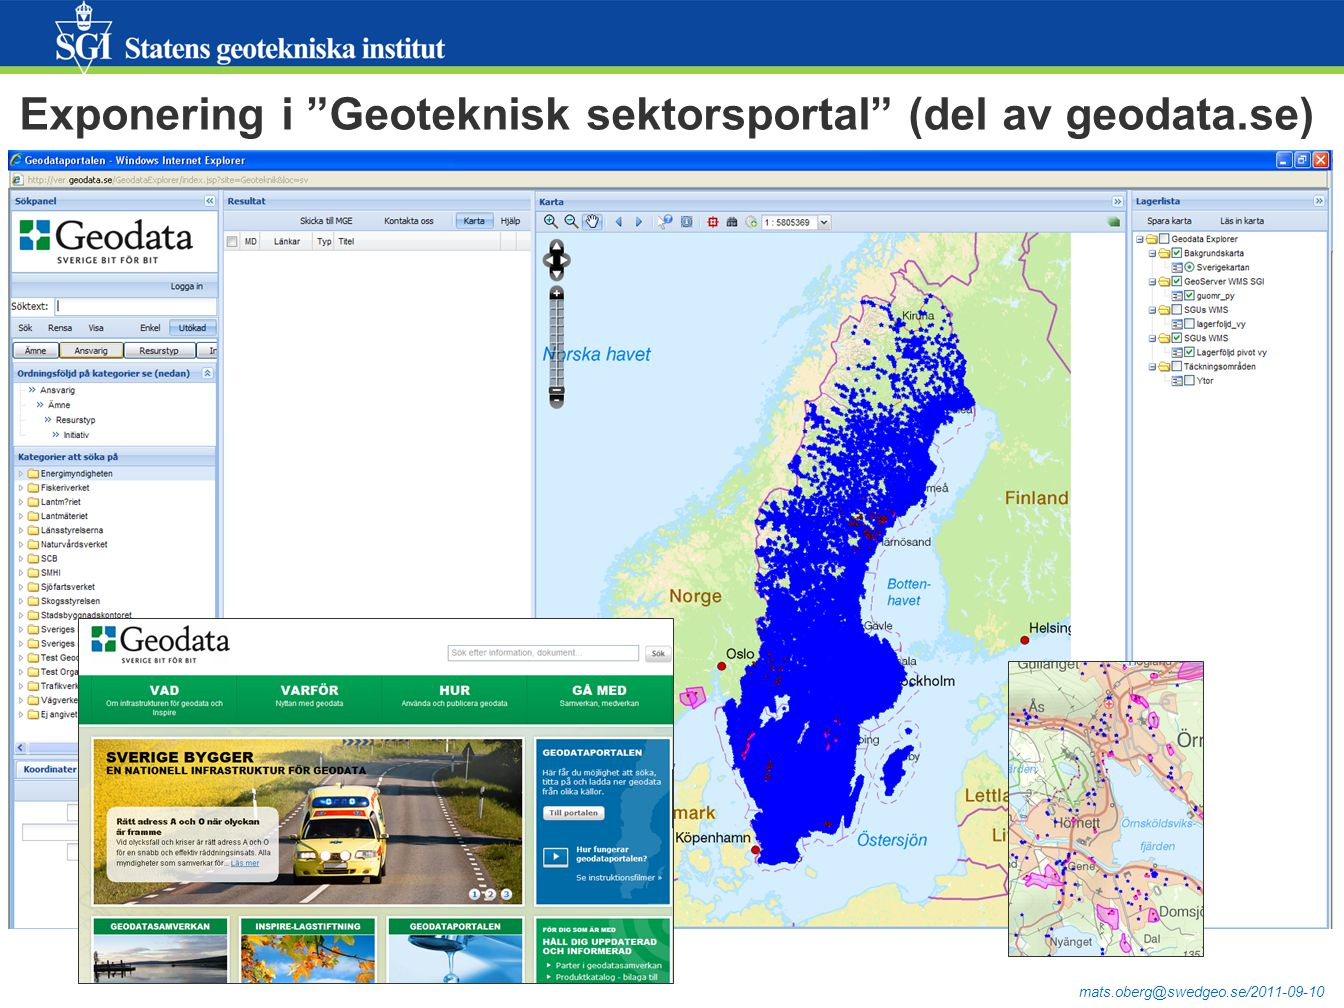 mats.oberg@swedgeo.se/2011-09-10 Redovisning av geotekniska undersökningar 1.